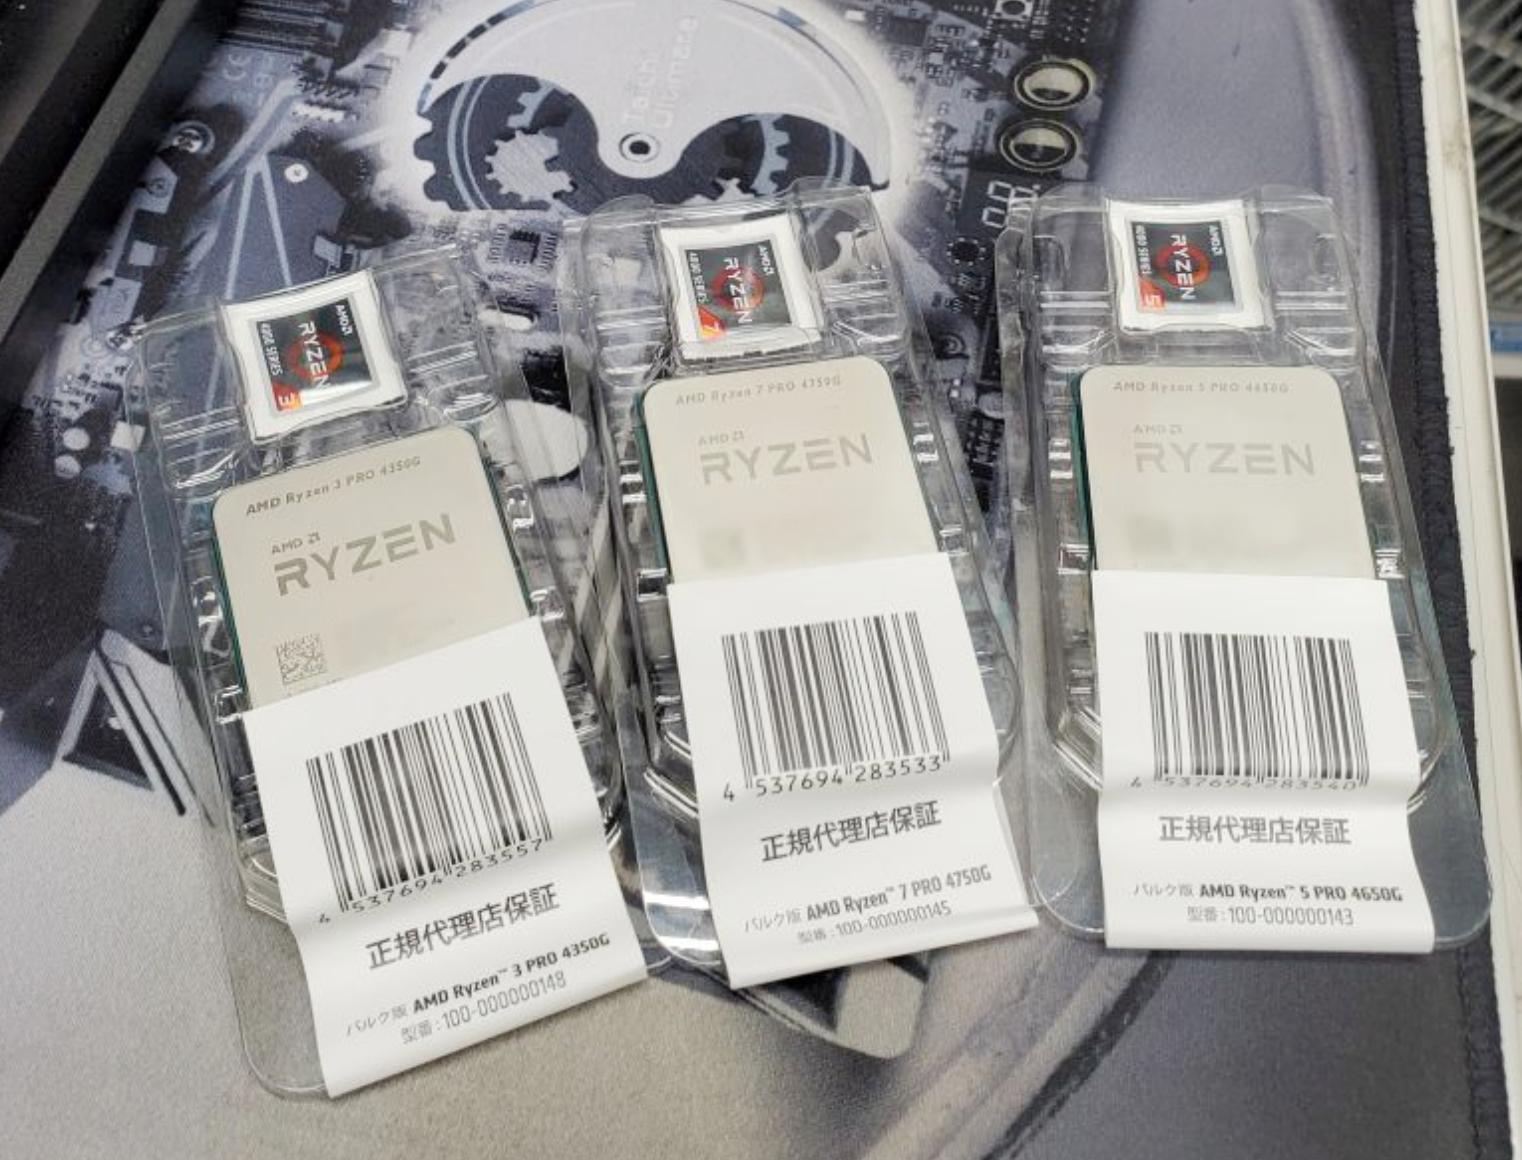 Гибридные процессоры AMD Ryzen 4000G Pro поступили в розничную продажу в весьма оригинальной упаковке